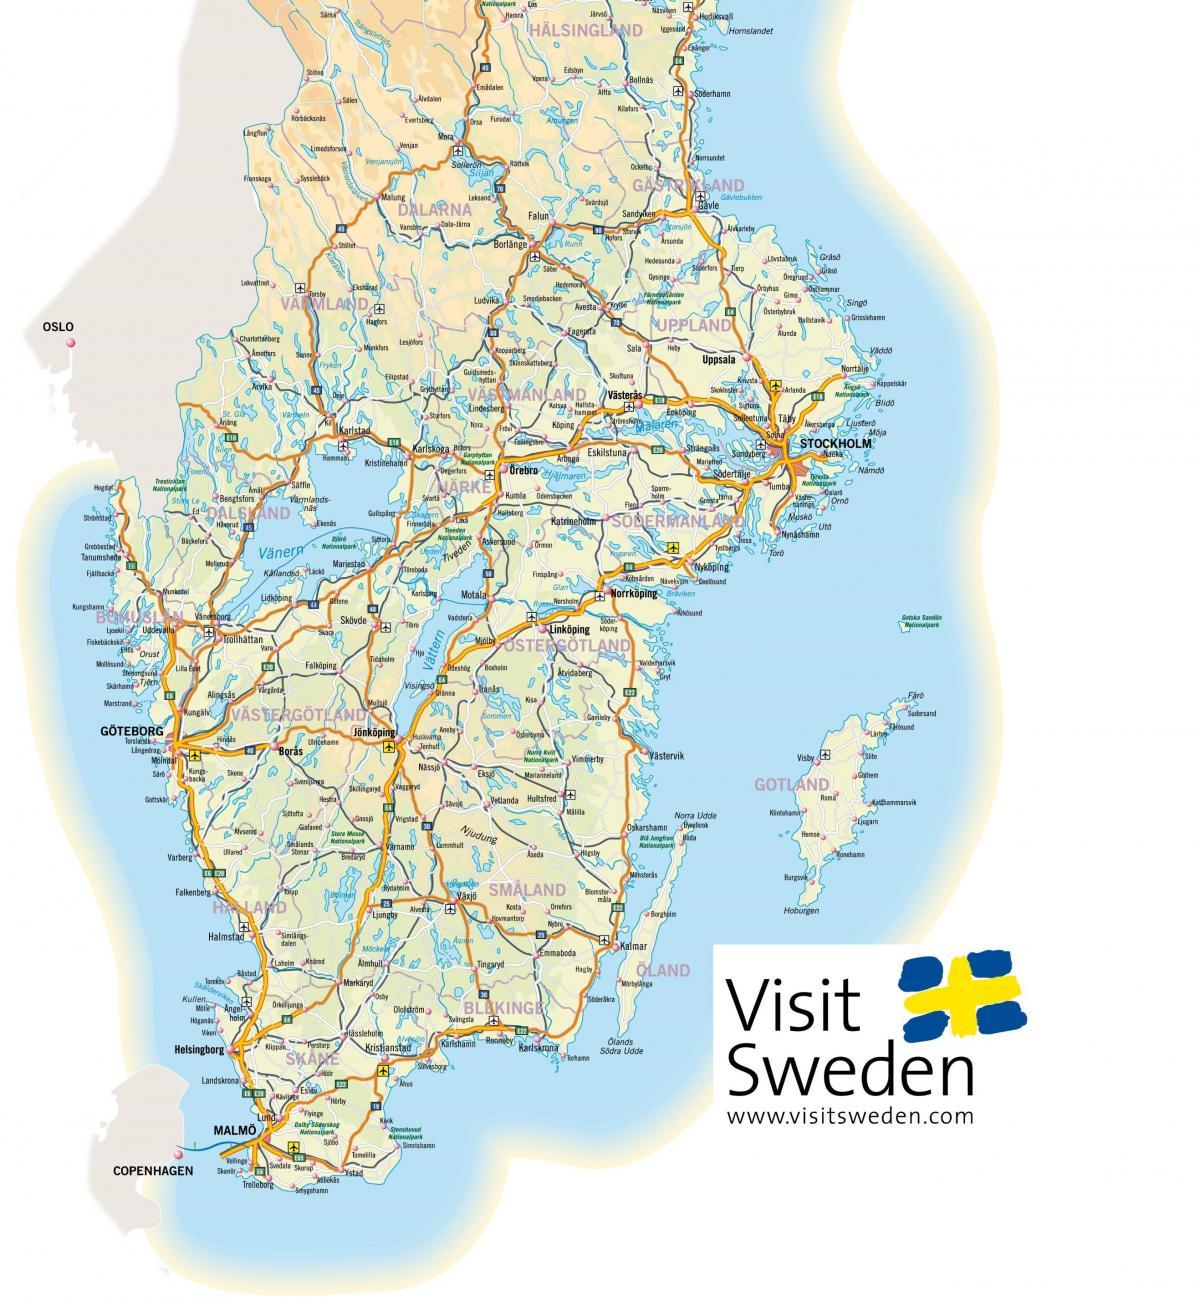 Syd Sverige Kort Kort Over Sydsverige I Det Nordlige Europa